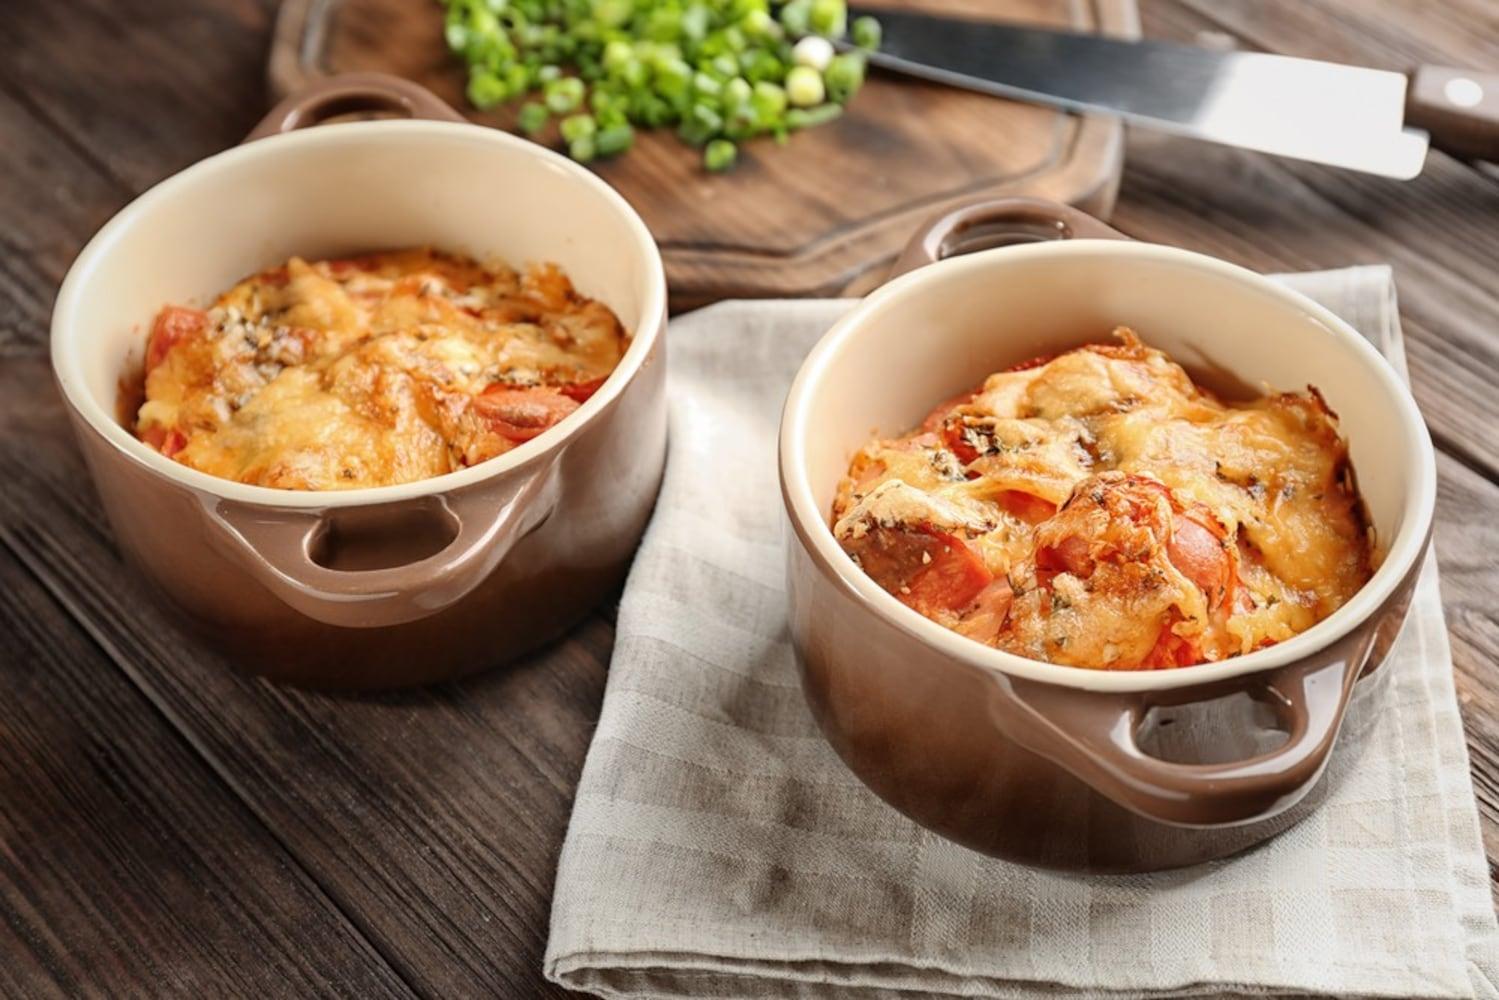 素材|オーブンで使うならガラスより磁器・陶器が安全